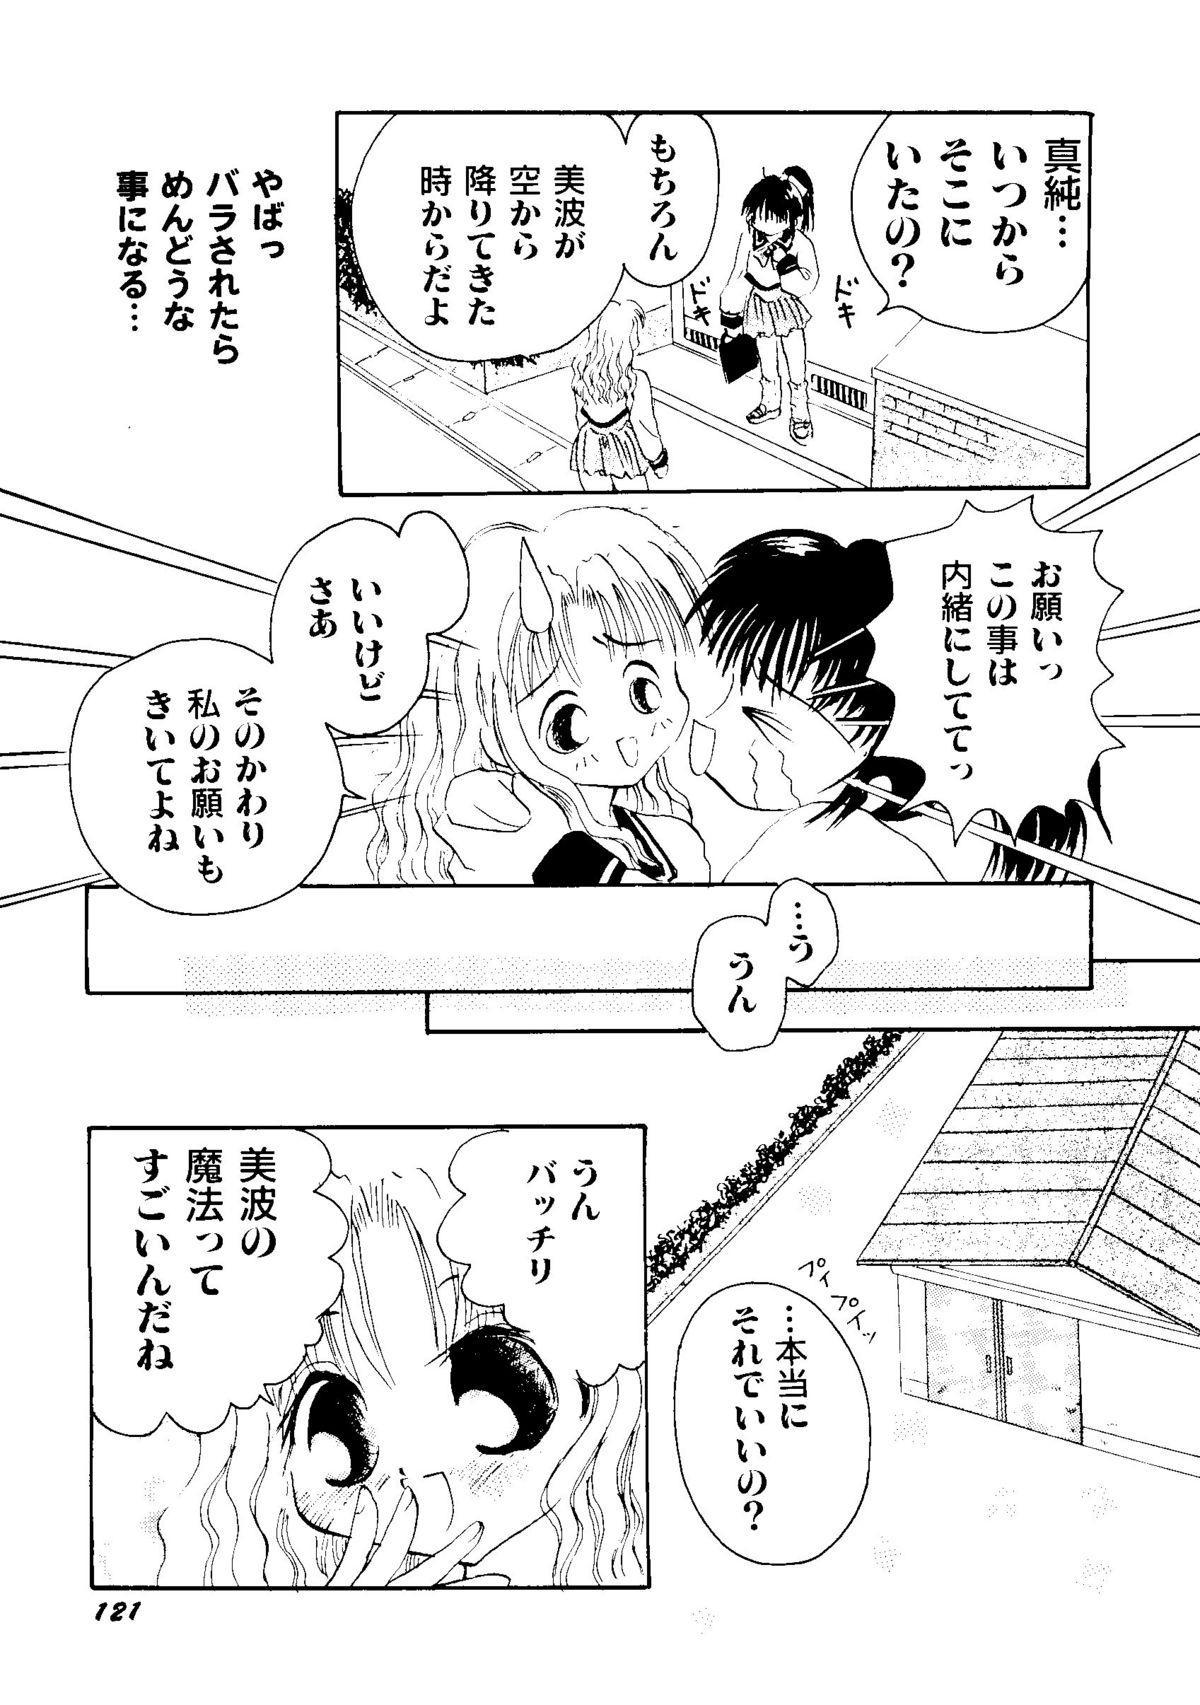 Bishoujo Doujinshi Anthology Cute 2 122